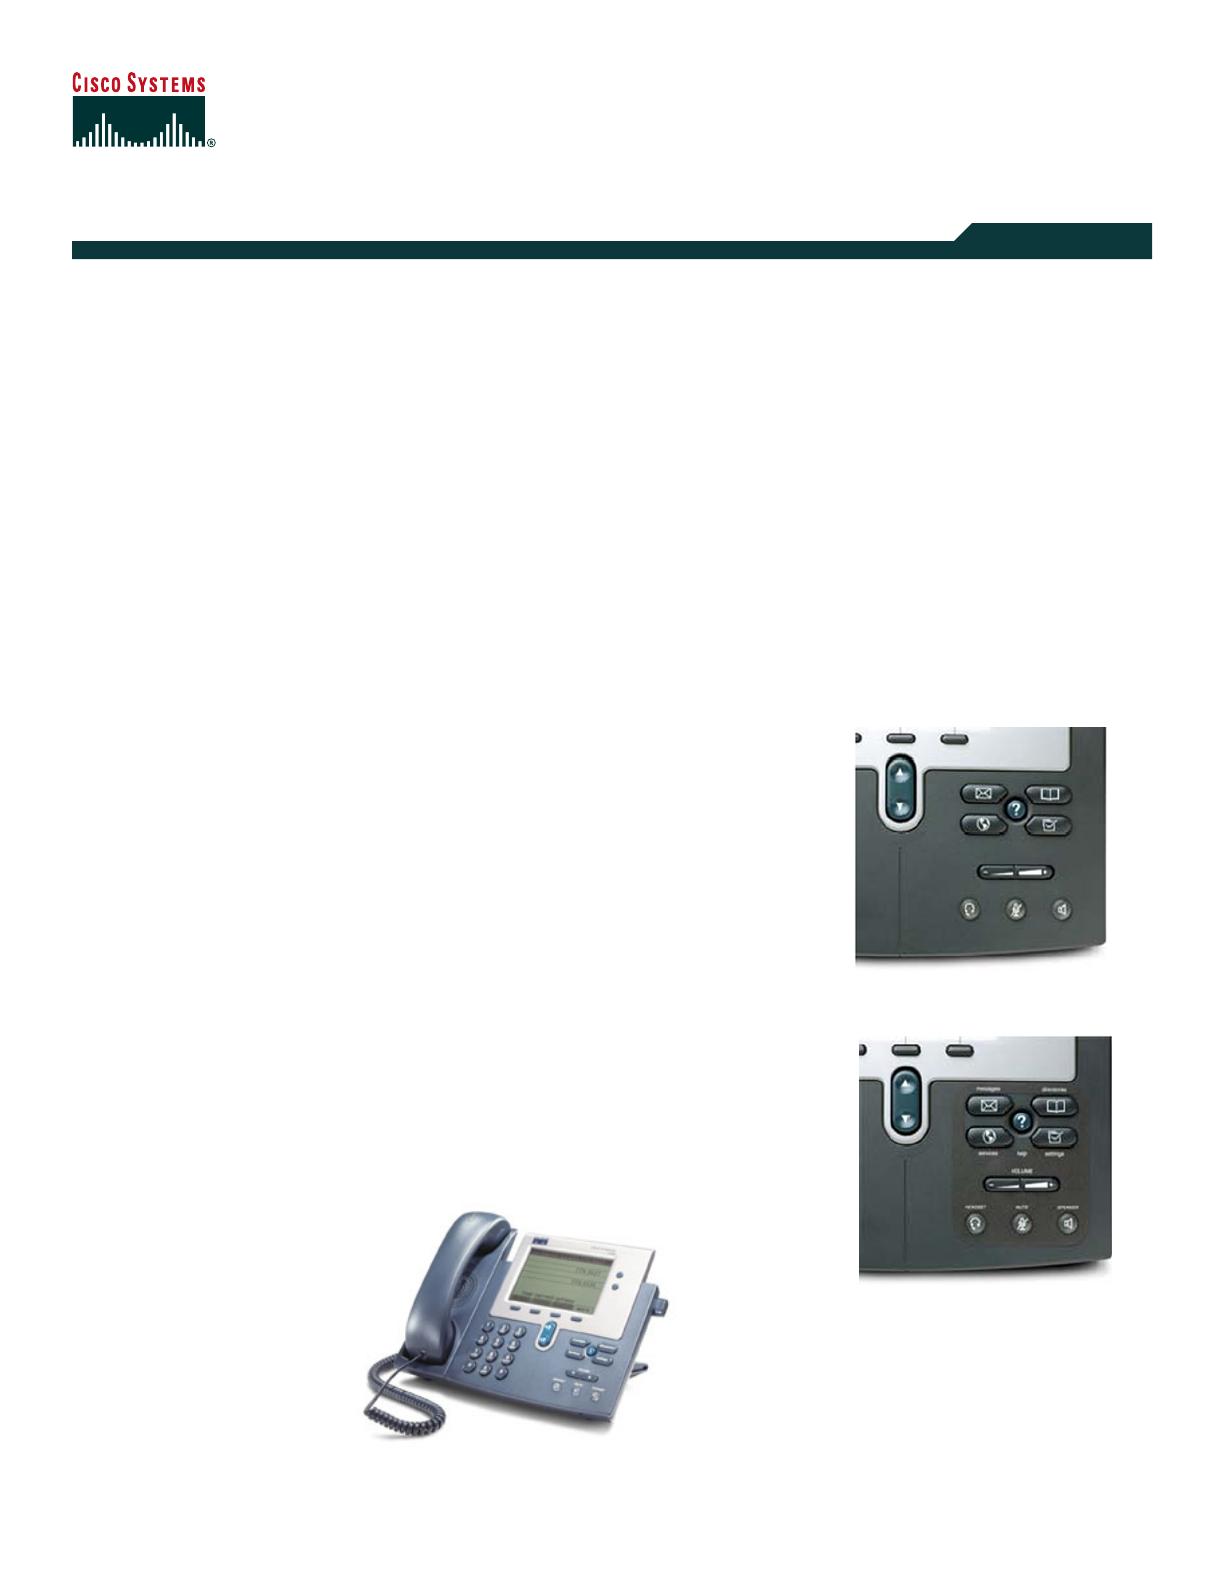 Cisco Systems IP Phone 7940G User Guide   ManualsOnline com